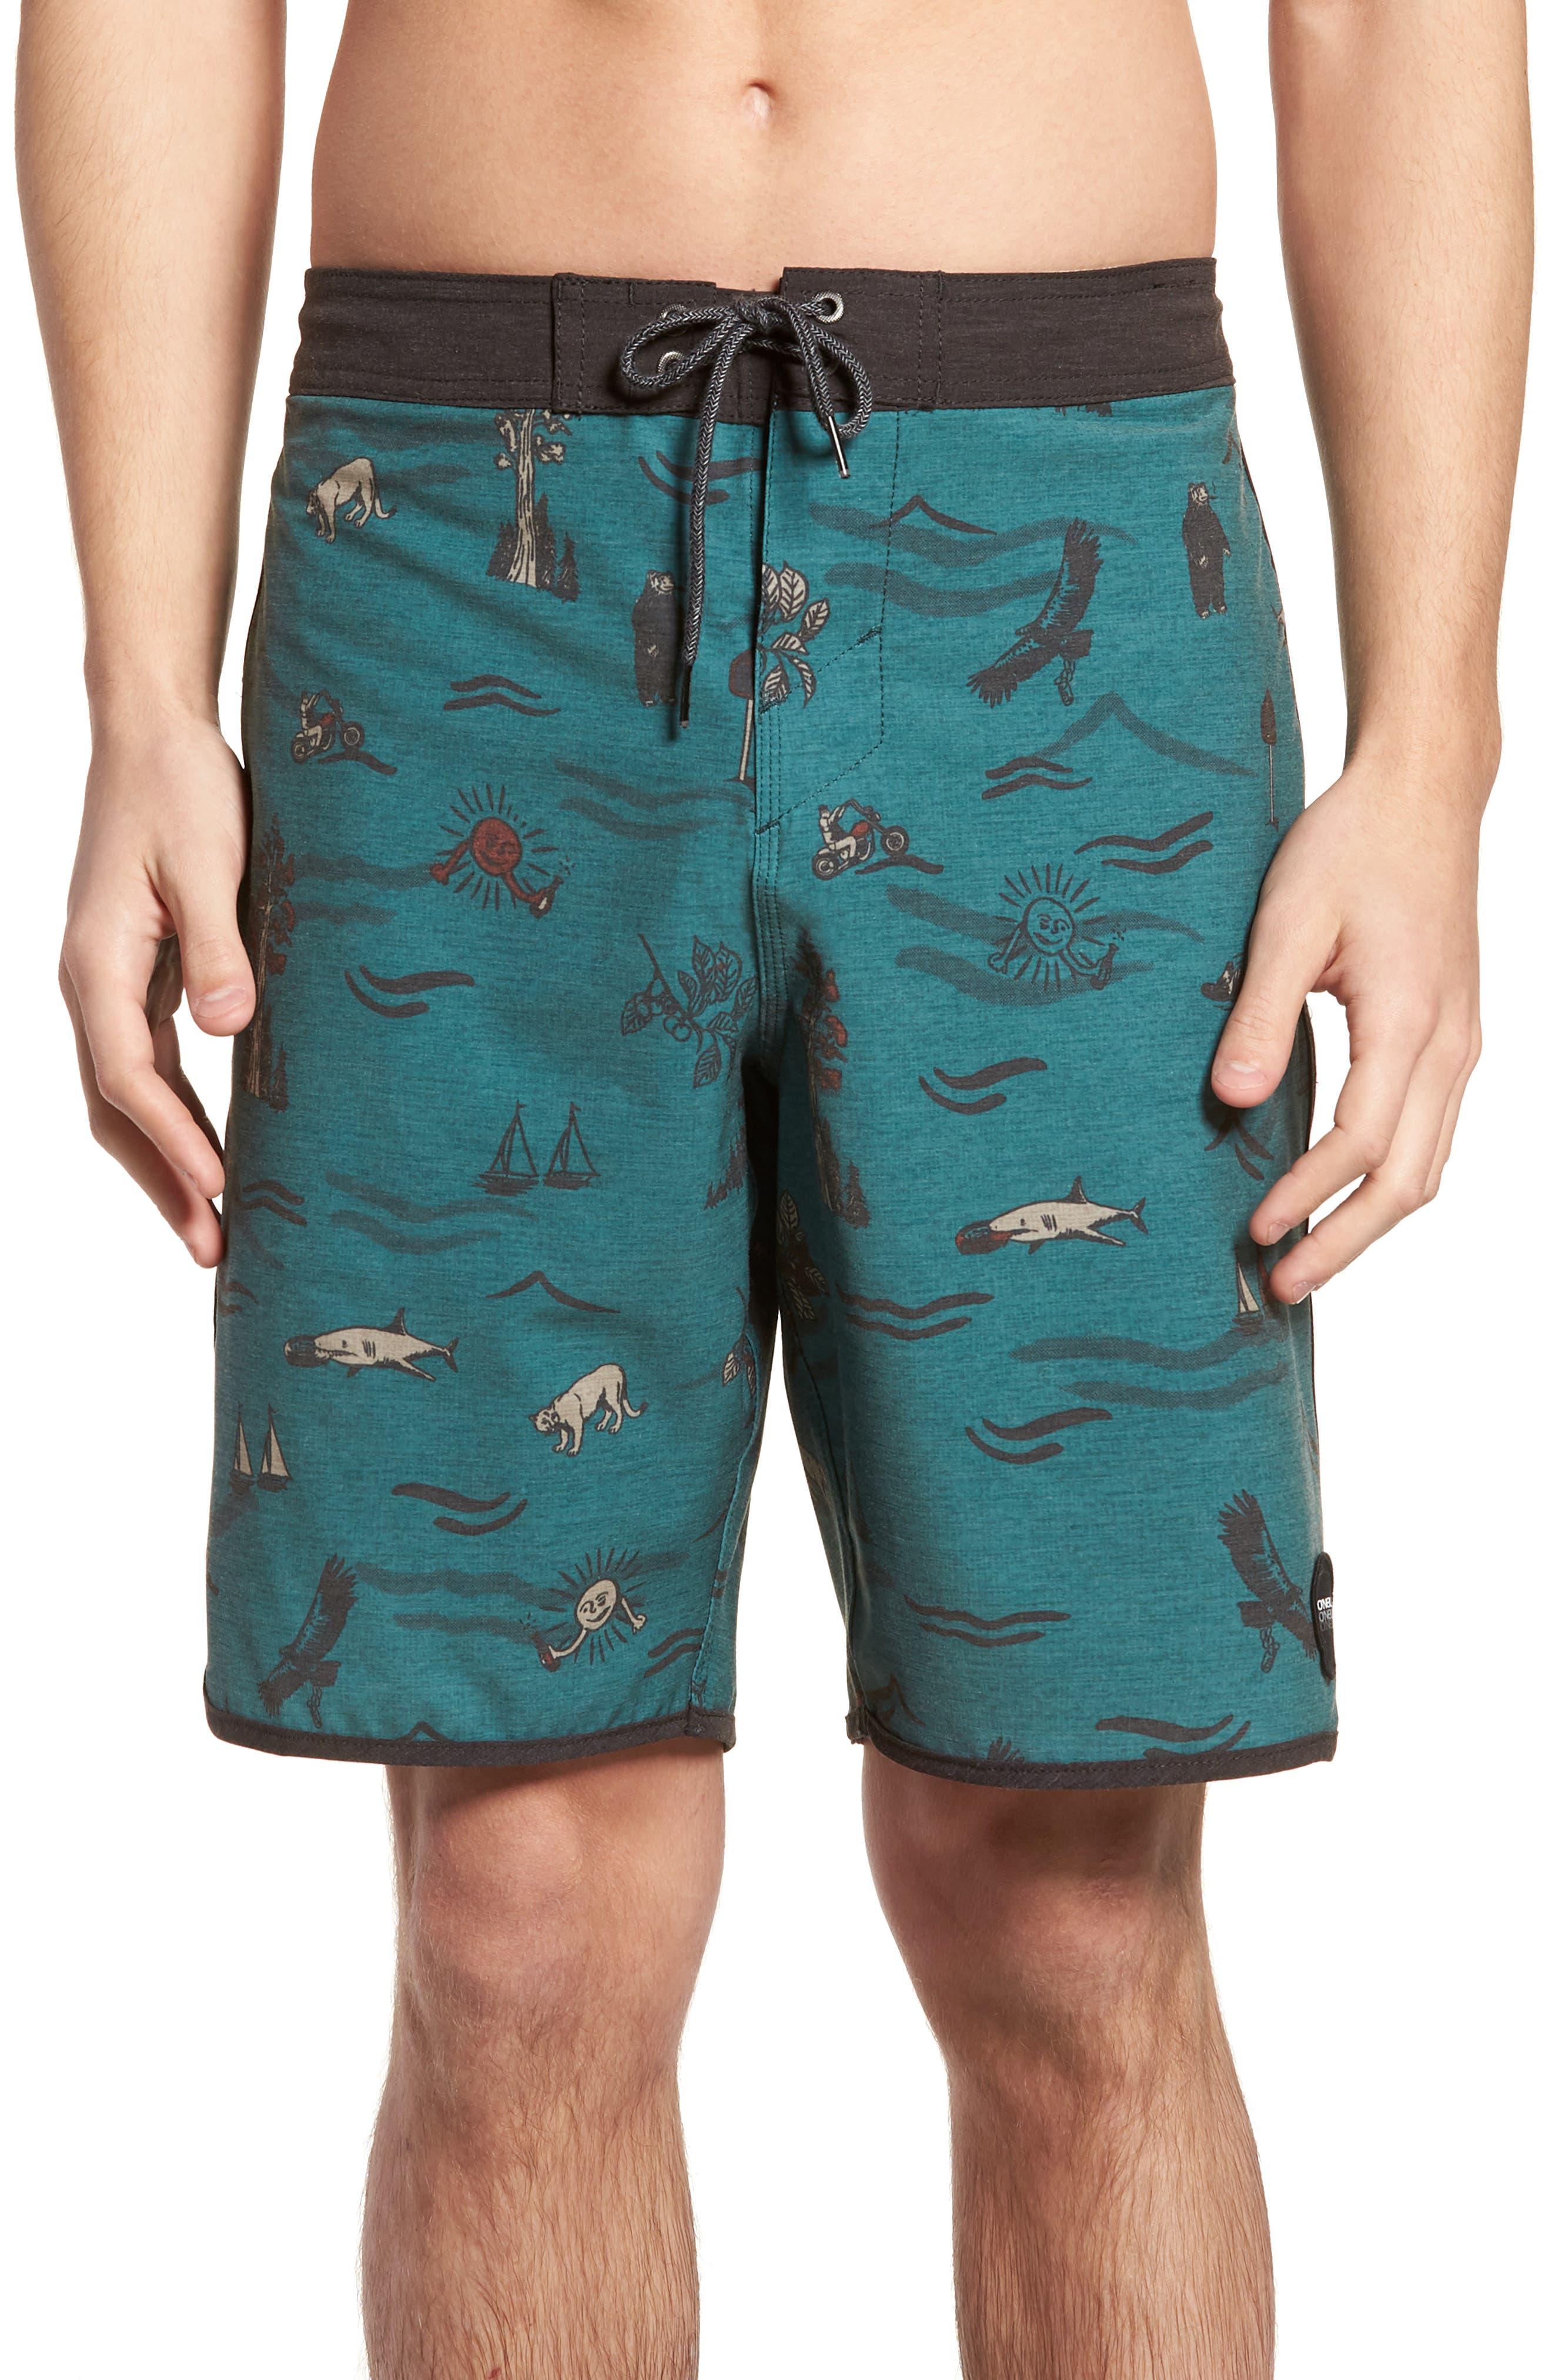 O'Neill Trippin Cruzer Board Shorts